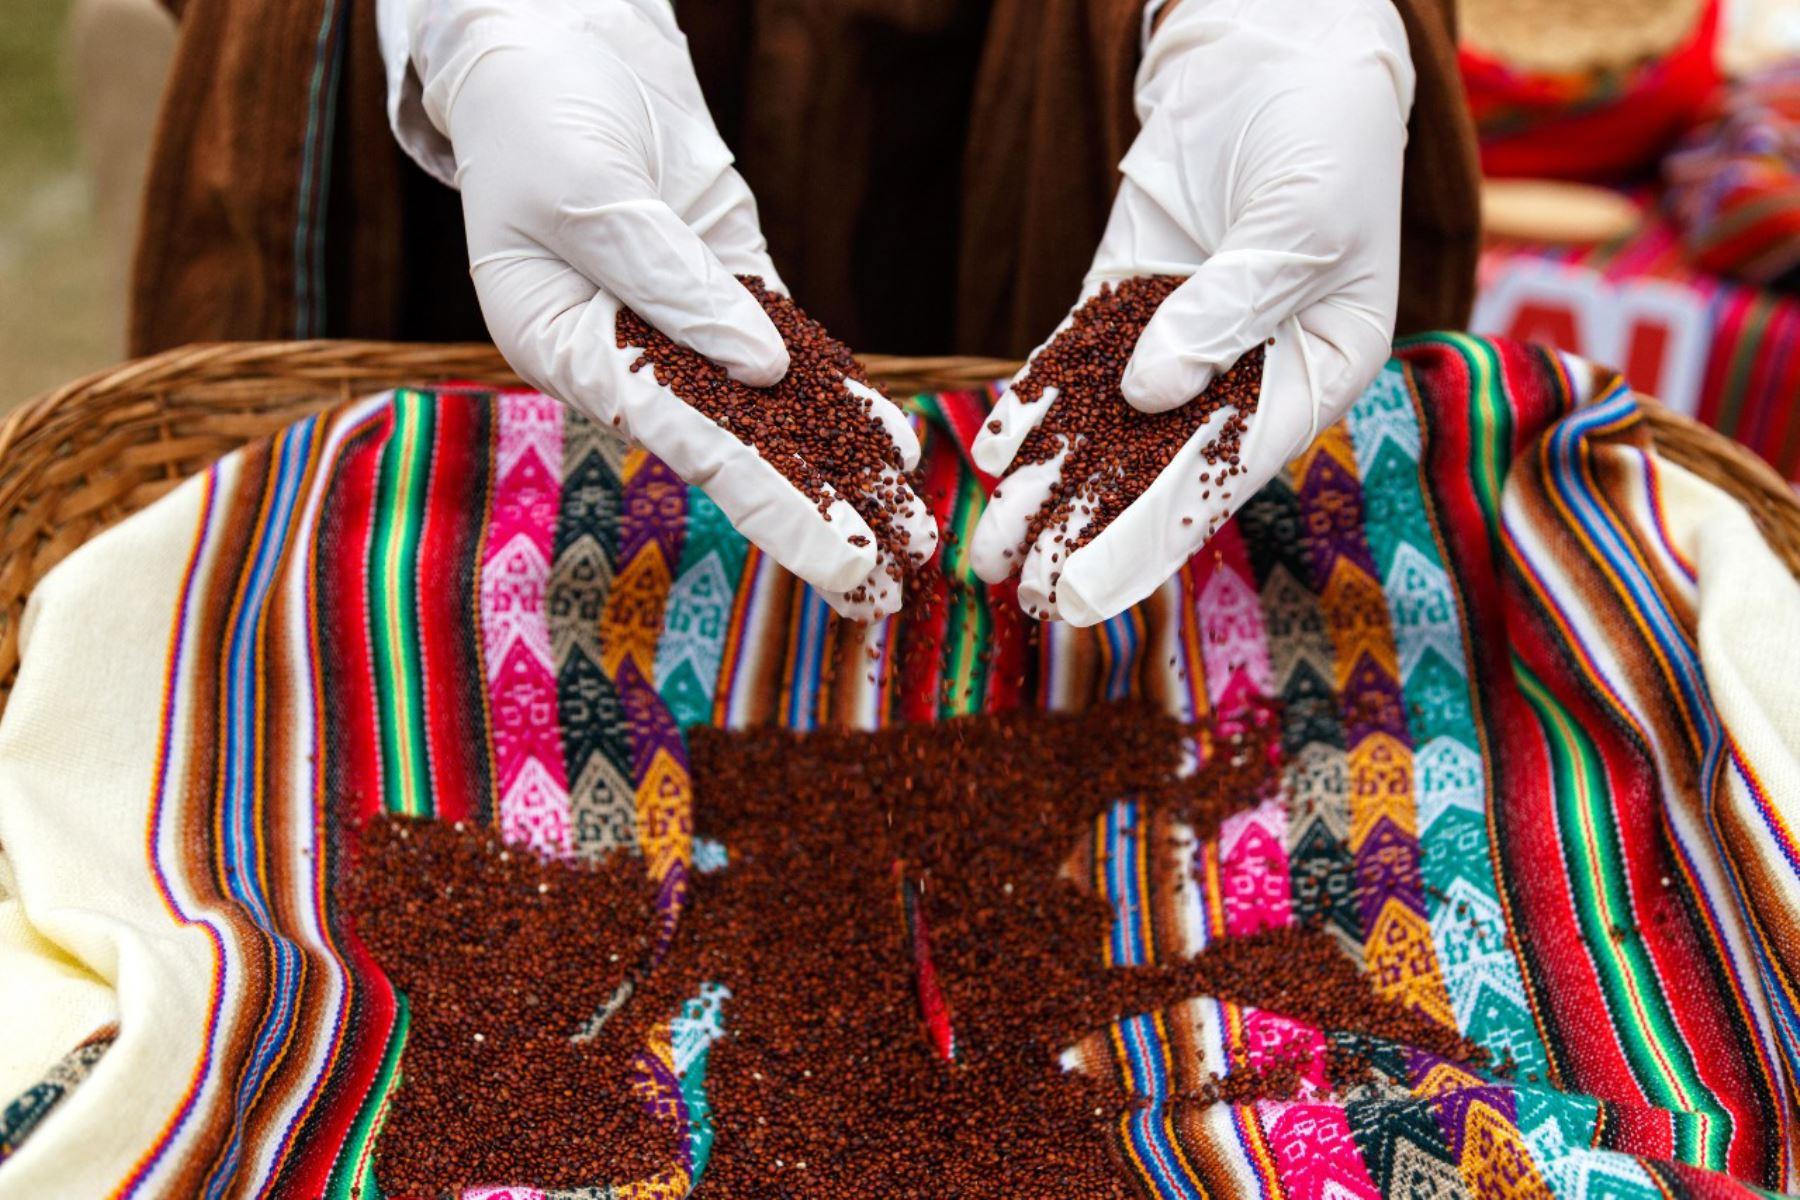 Producción de quinua de agricultores de Cajamarca crece 10 veces con guano de las islas | Noticias